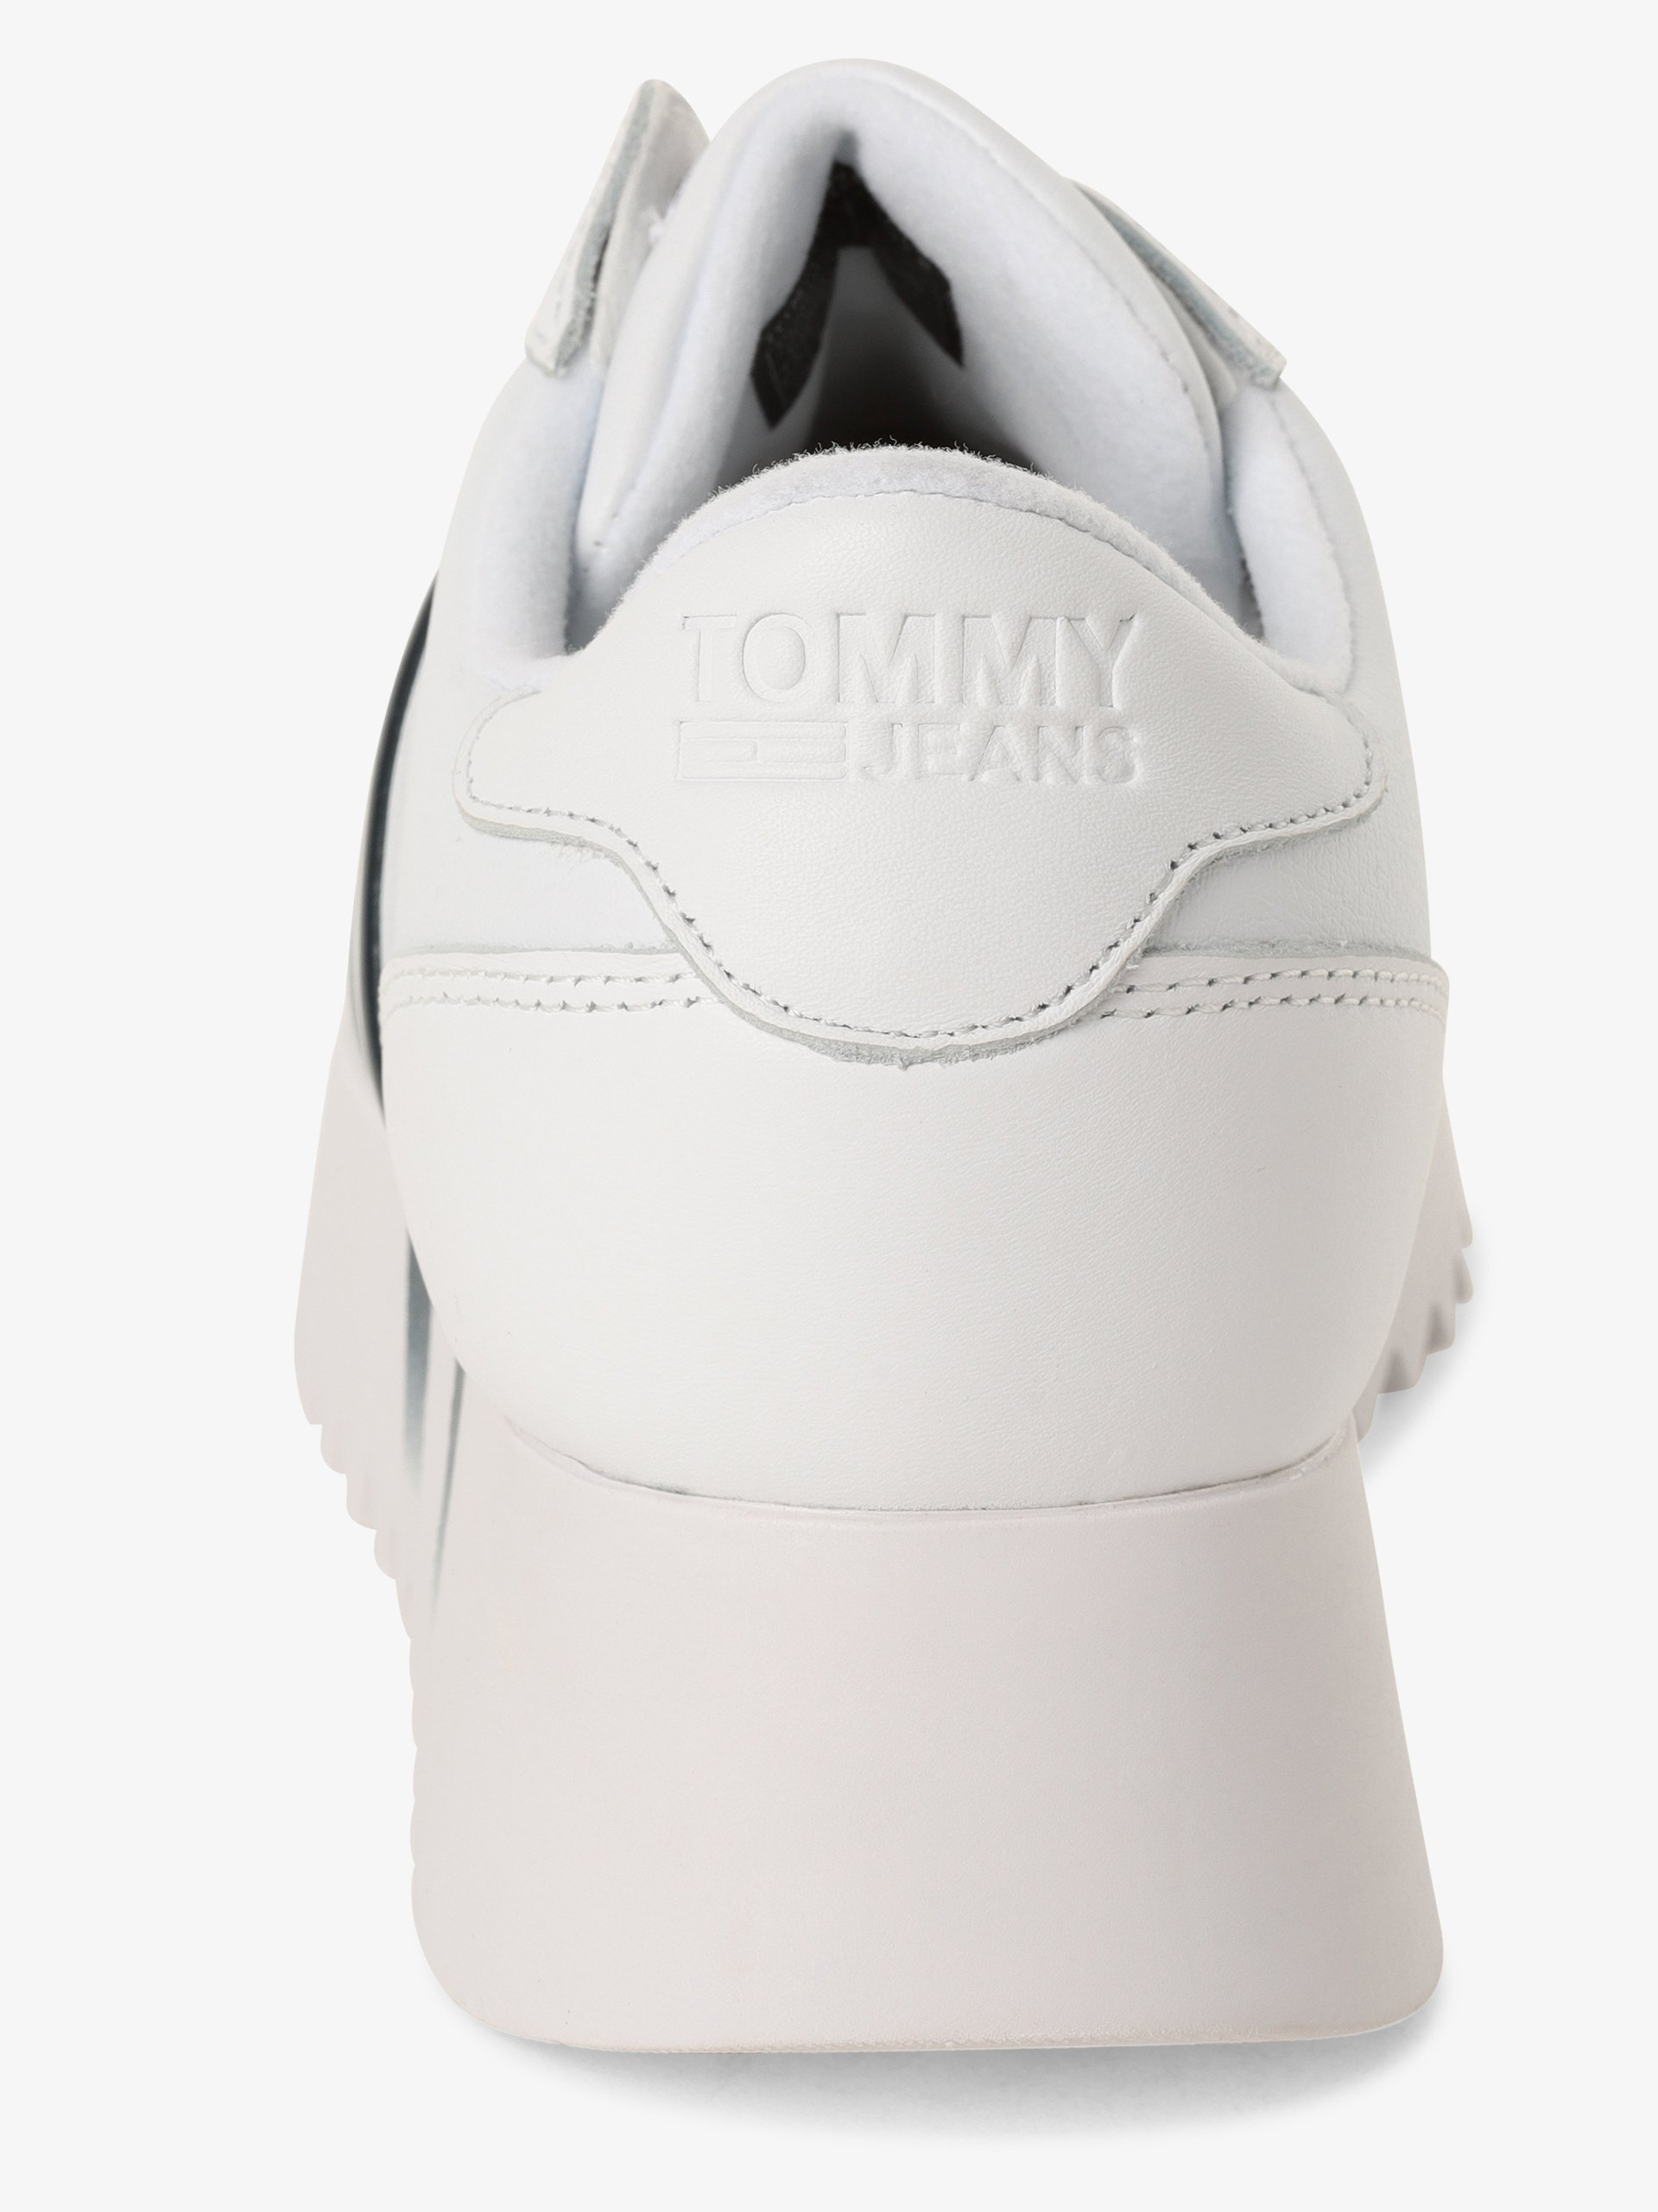 Tommy Jeans Damen Sneaker mit Leder-Anteil